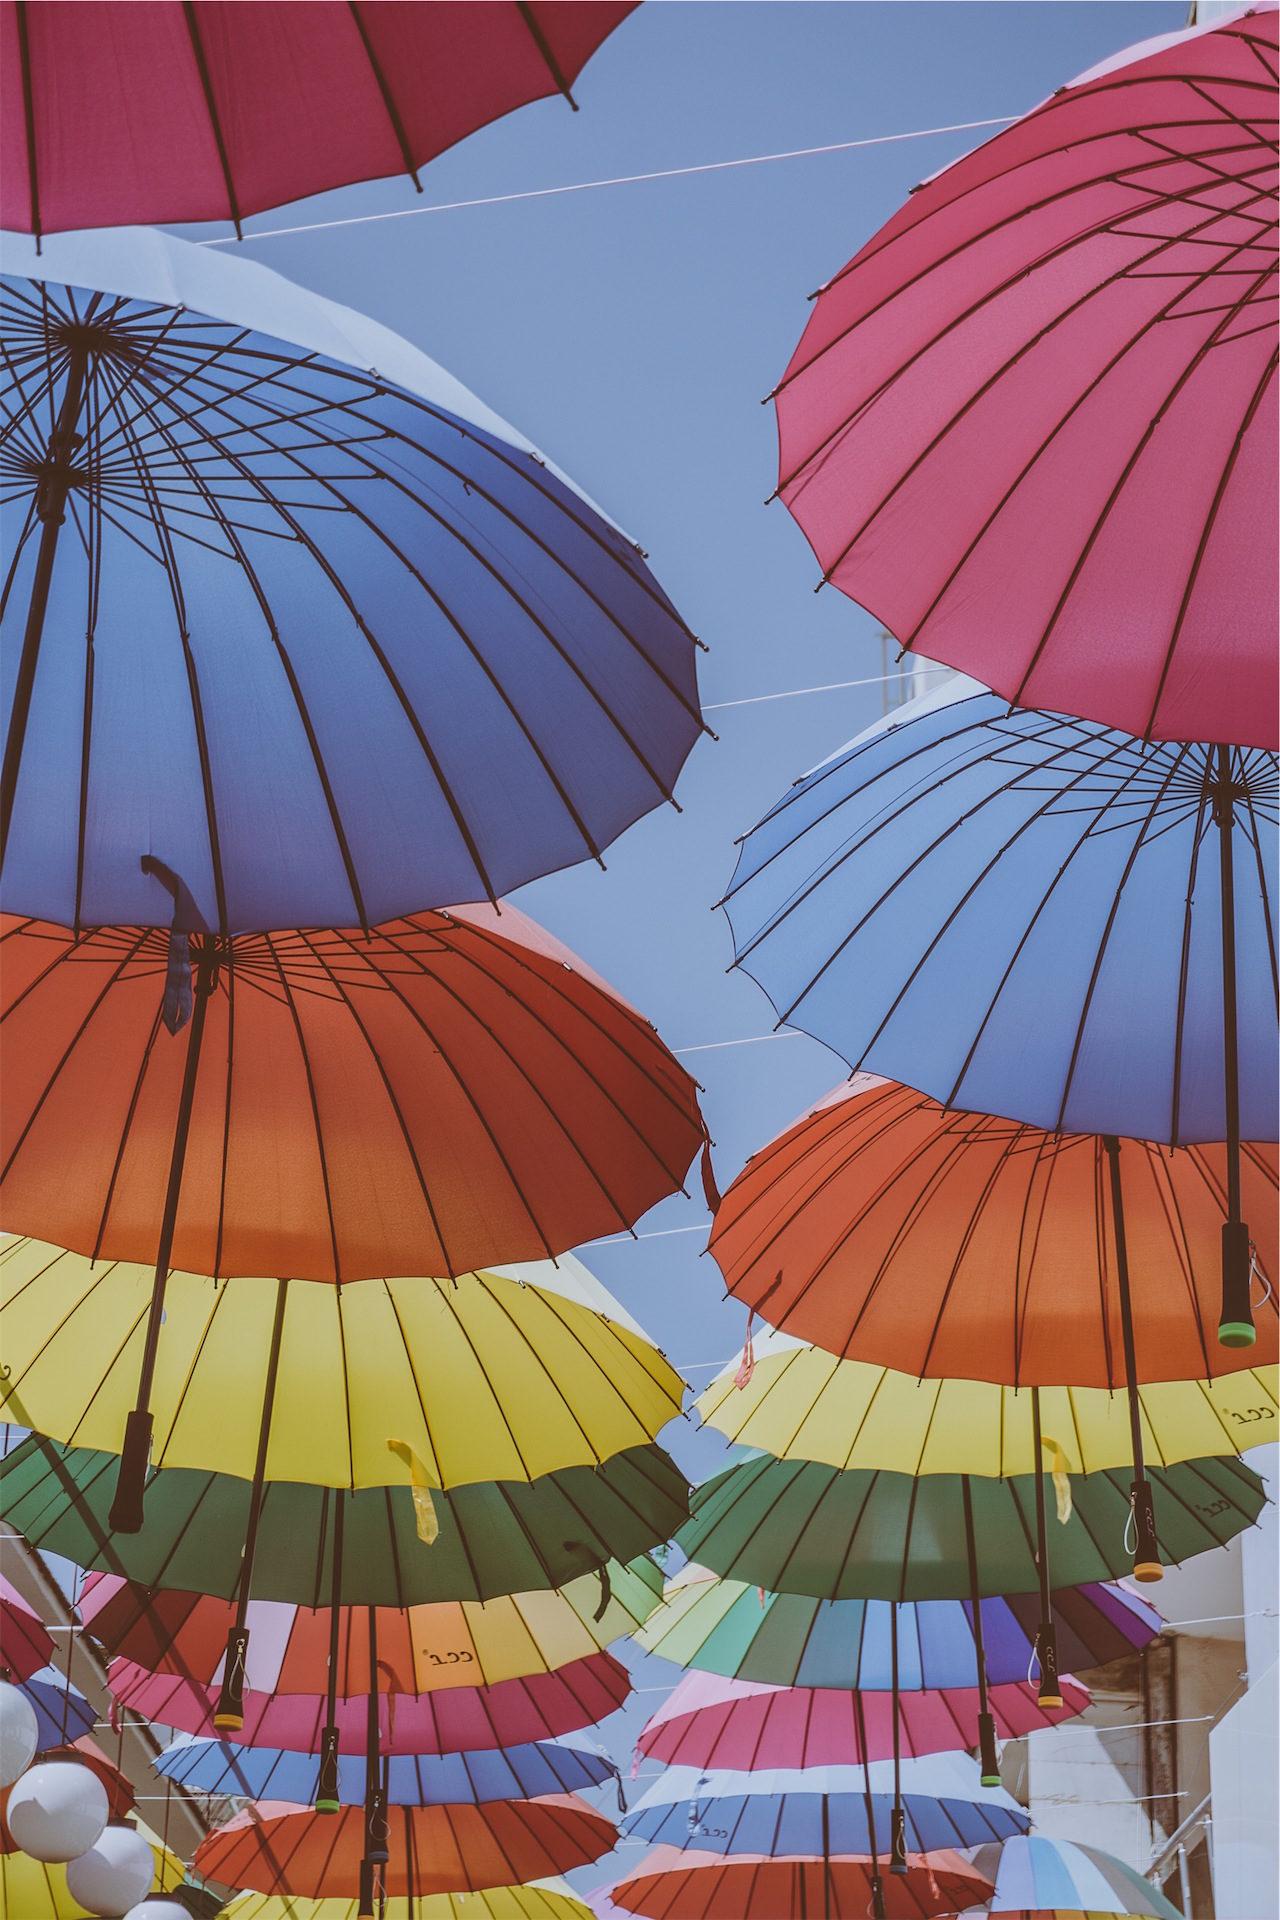 parapluie, coloré, Flying, Accroché, ornements - Fonds d'écran HD - Professor-falken.com